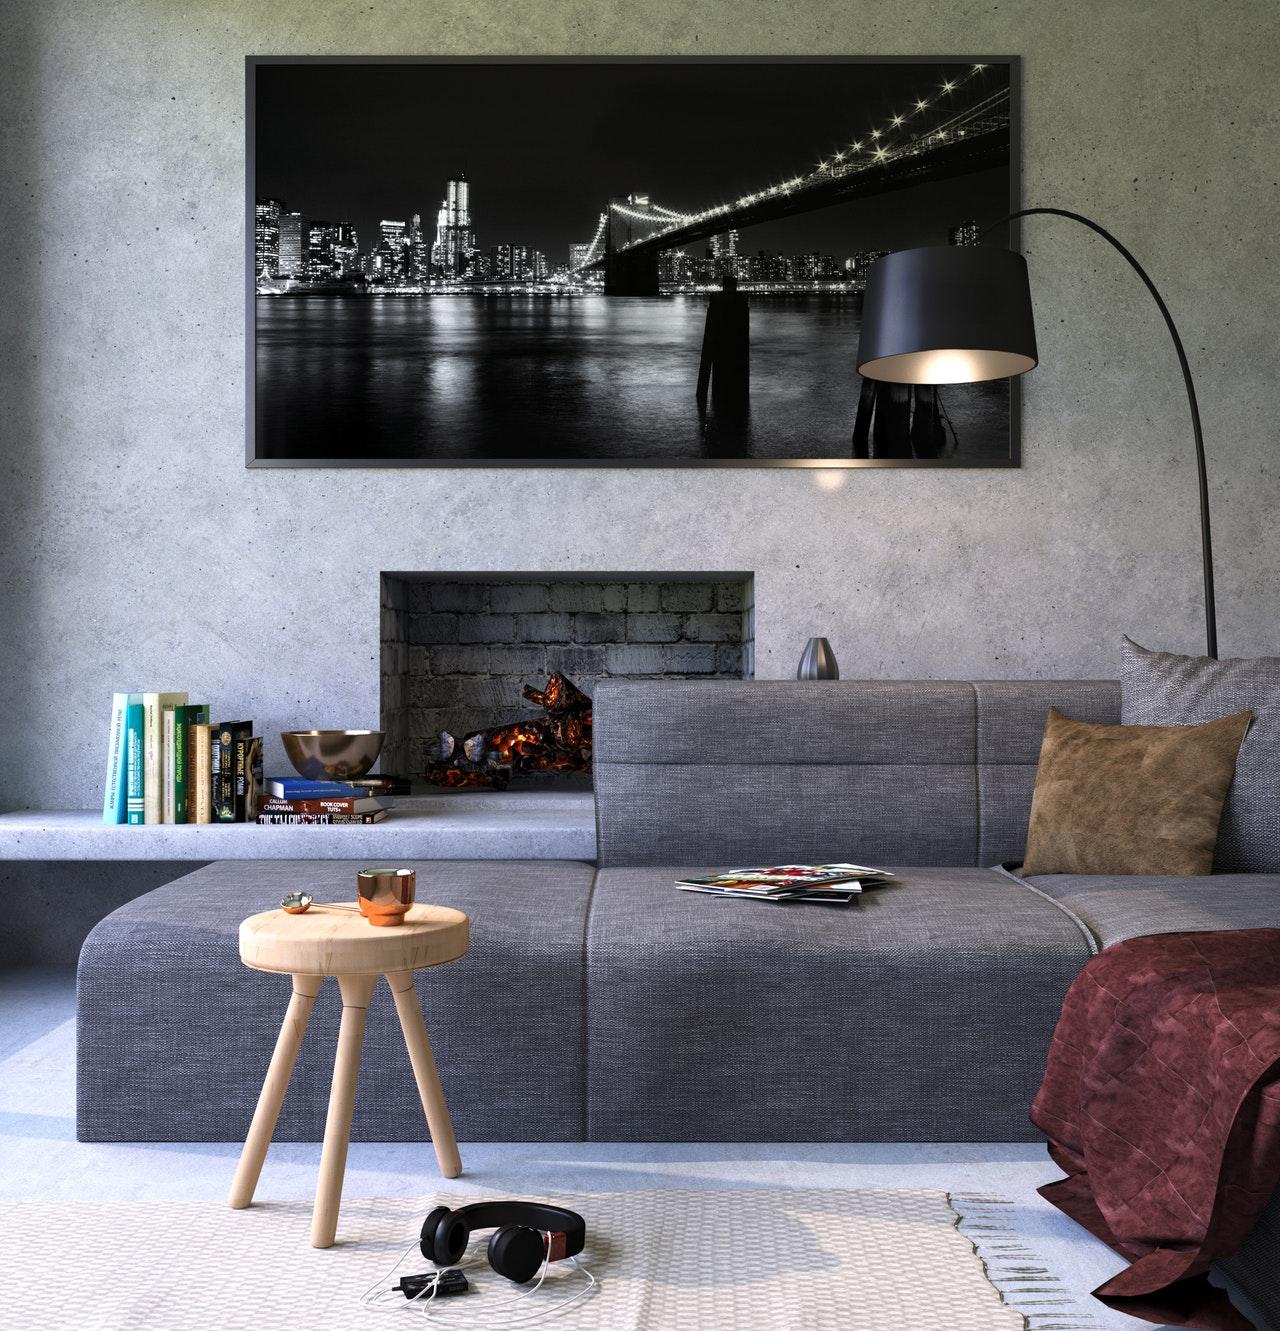 Photographie d'un salon avec canapé